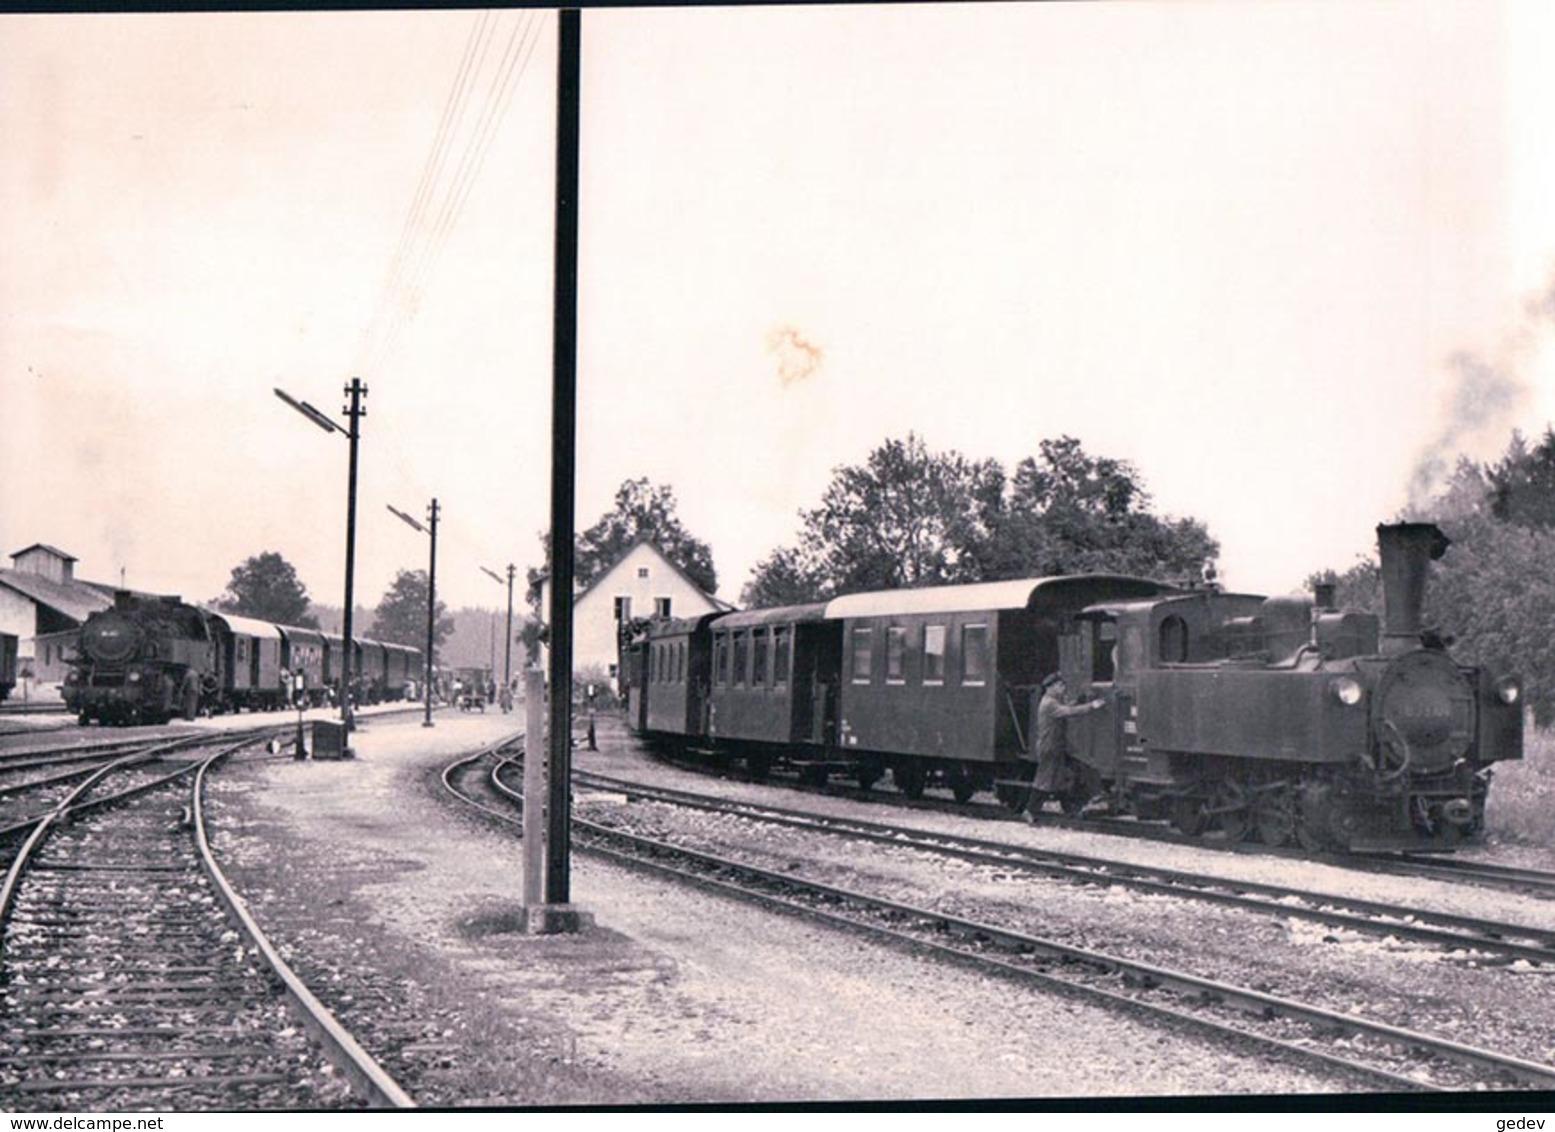 Österreichische Bundesbahnen, Völkermarkt-Kühnsdorf Bahnhof, Train à Vapeur, Photo 1964, BVA ÖBB 514.1 - Eisenbahnen